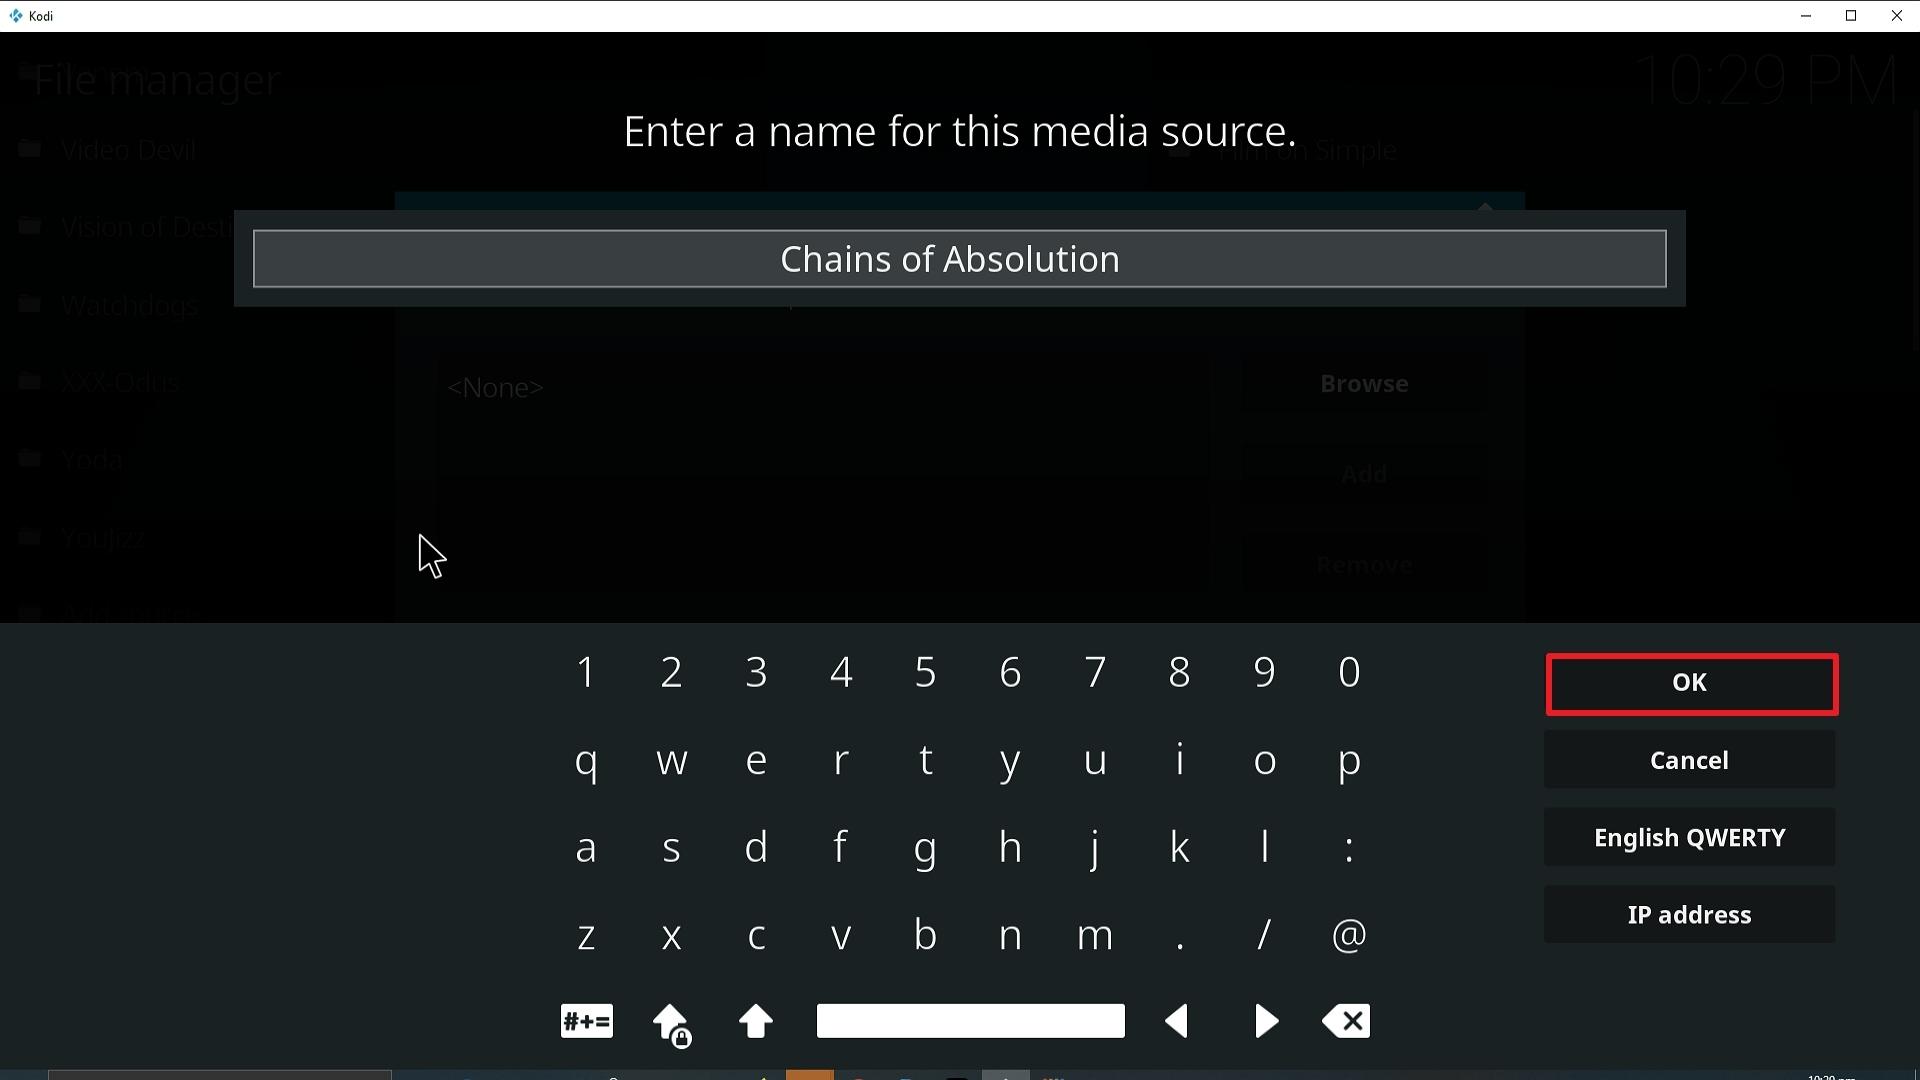 Step 13 Installing Chains of Absolution Kodi addon on Kodi